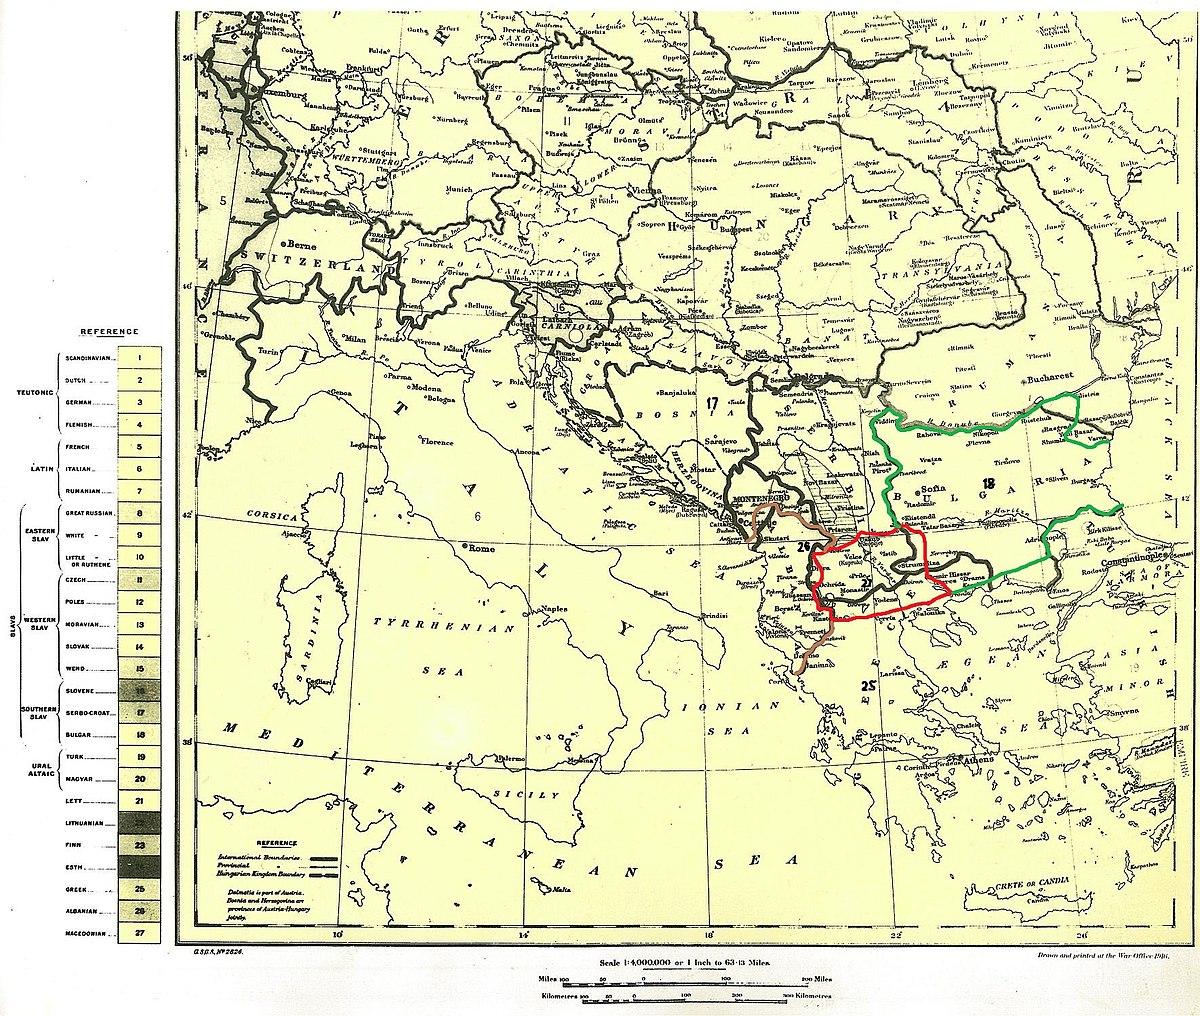 File Karta Mapa Na Koja Se Prikazani Makedoncite Kako Poseben